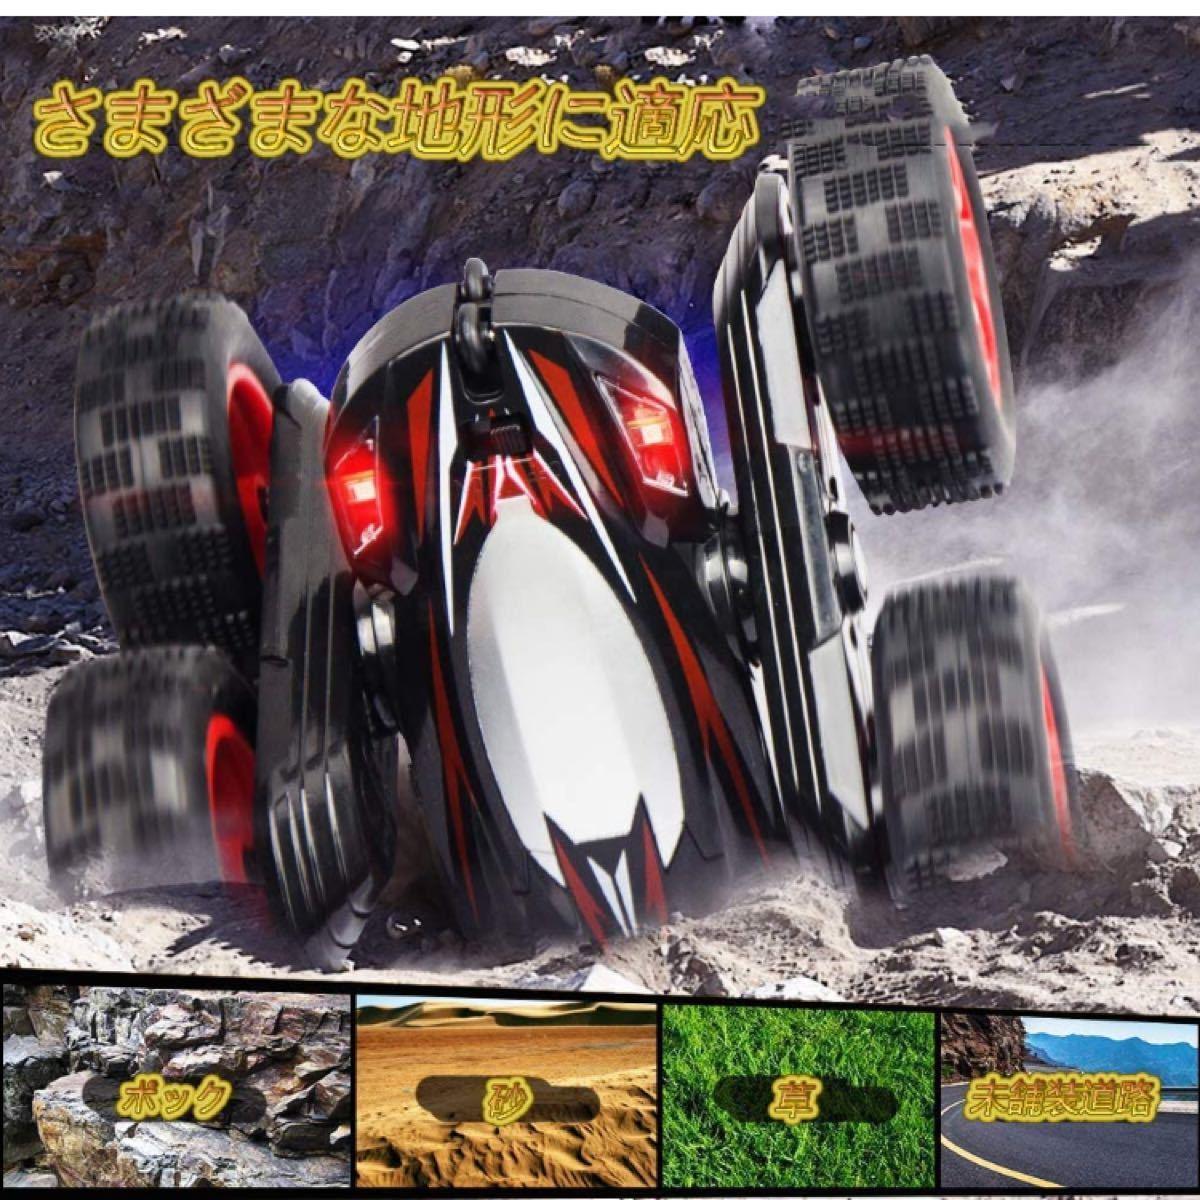 ラジコンカー スタントカー 360度回転 両面走行 四輪駆動 車おもちゃ